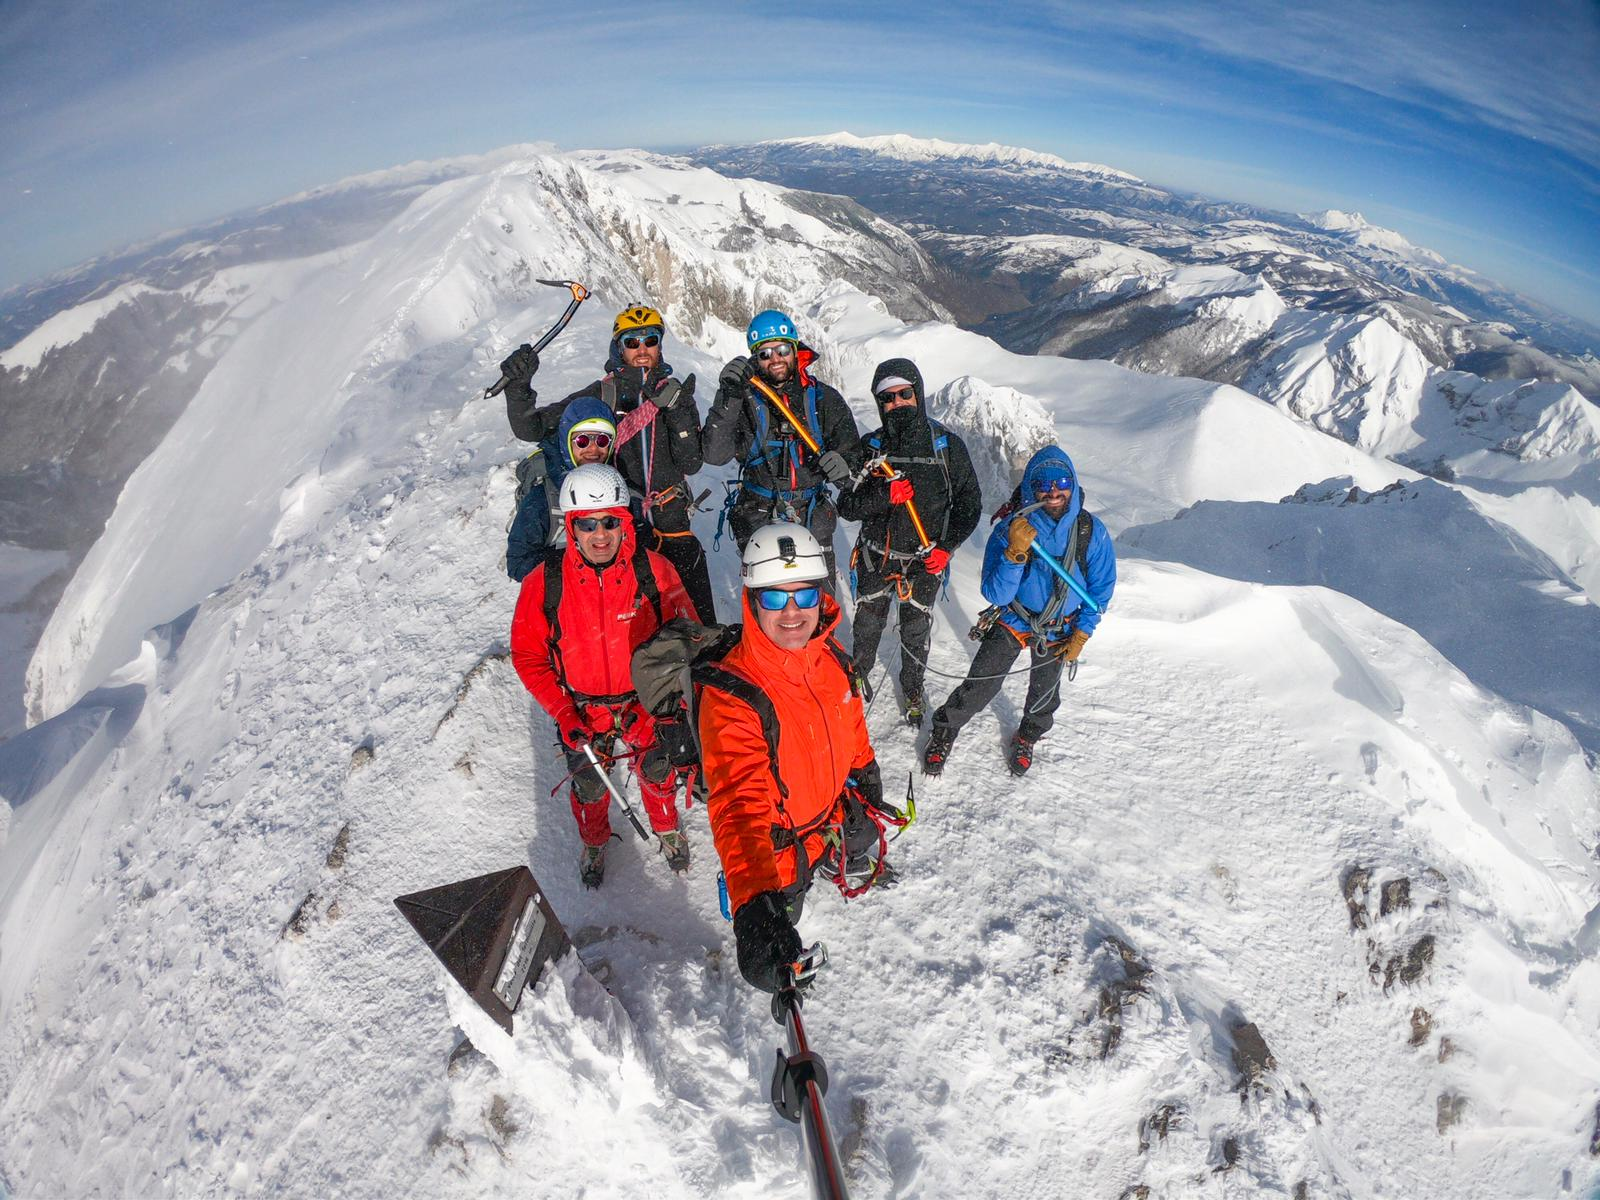 gruppo outdoor per giornata alpinismo invernale